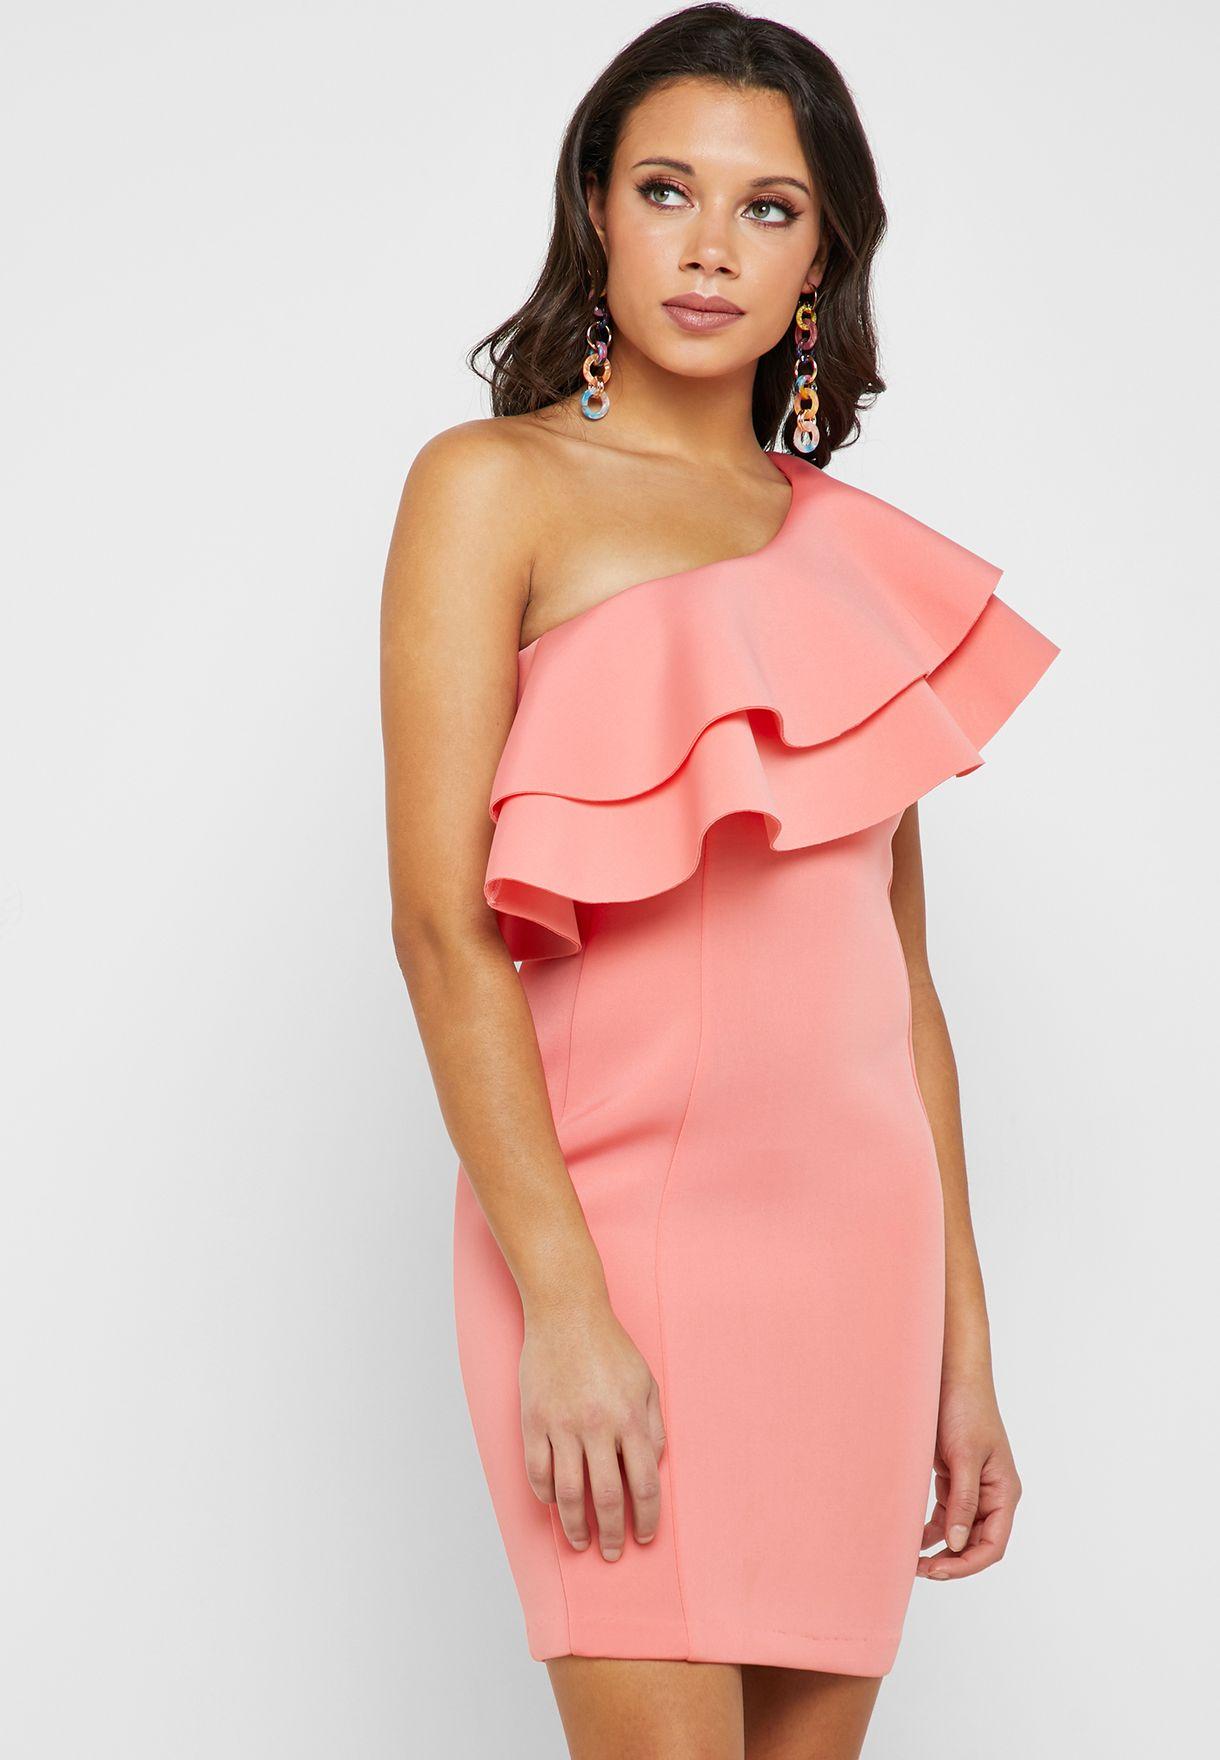 فستان بكتف واحد و بكشكش